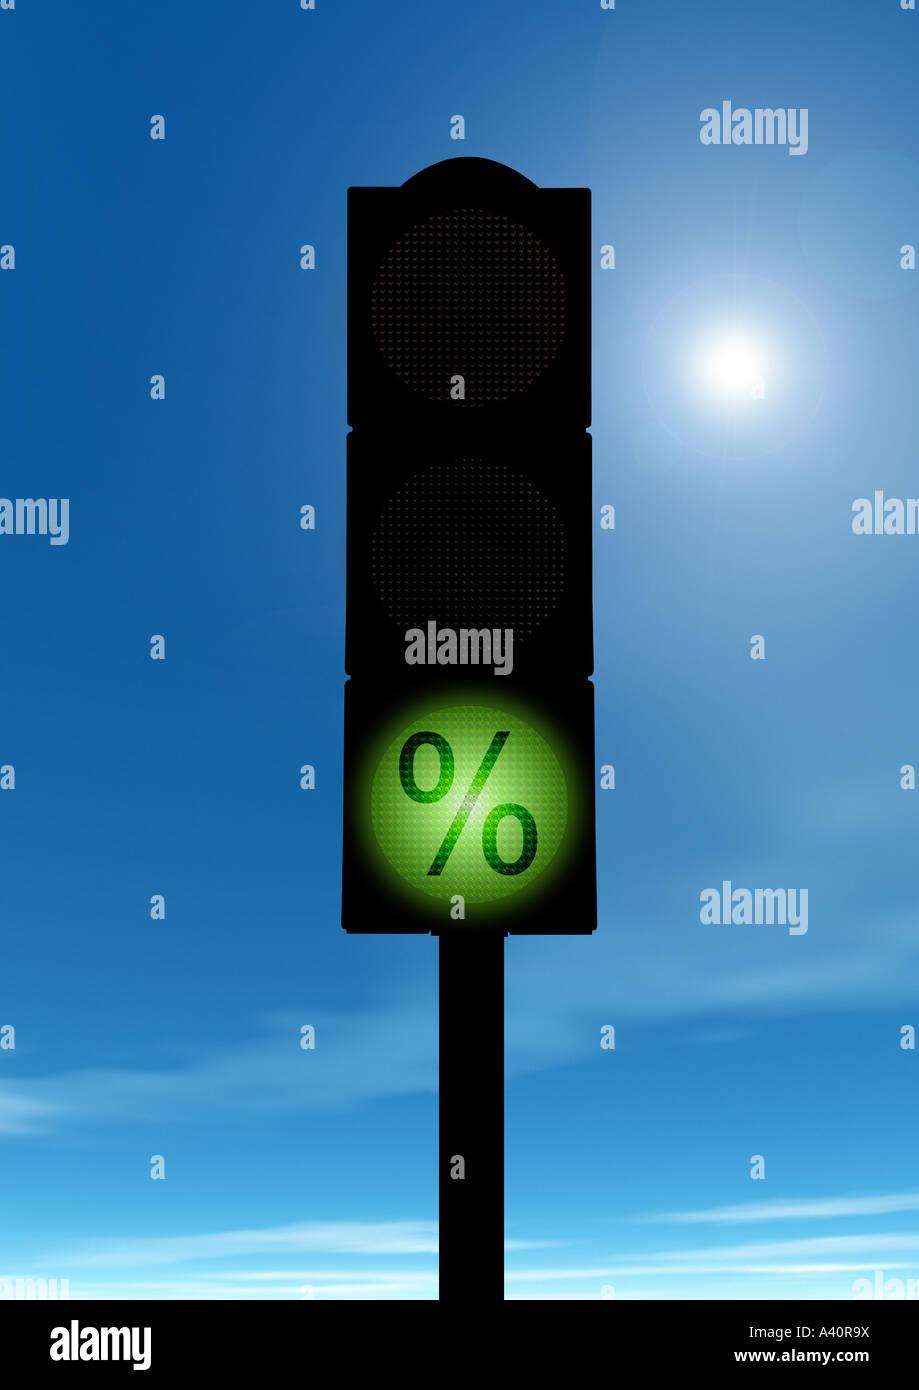 green traffic light with percent sign Grüne Ampel mit Prozentzeichen Stock Photo